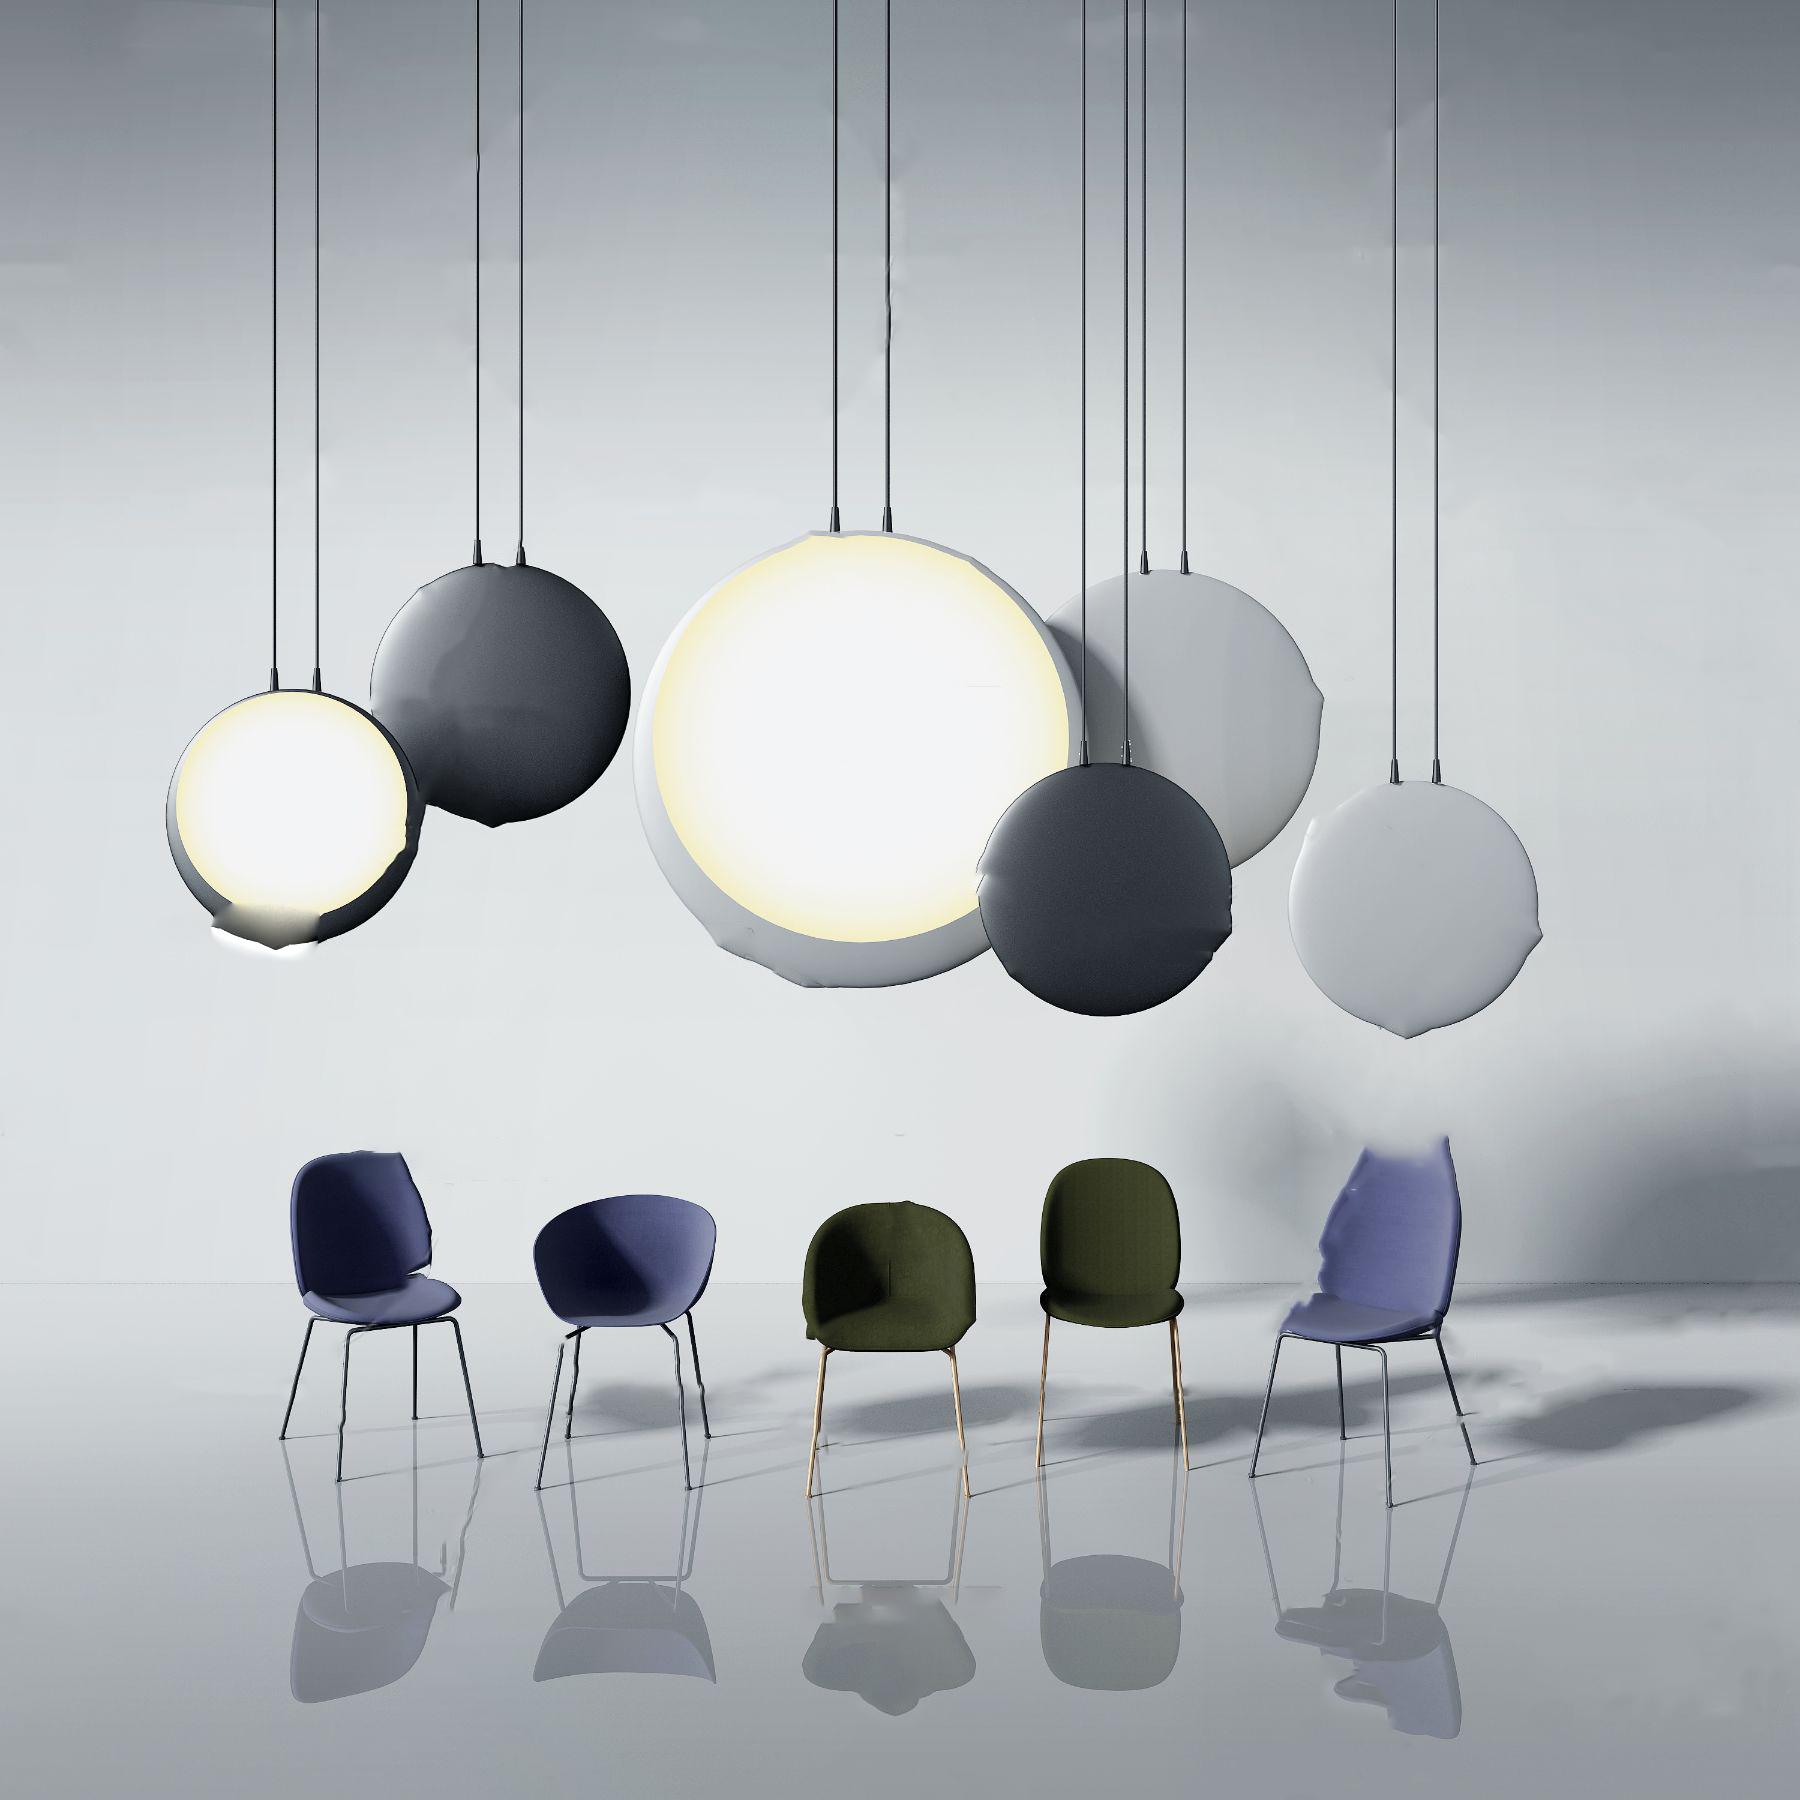 现代创意圆形吊灯单椅3D模型【ID:743756888】